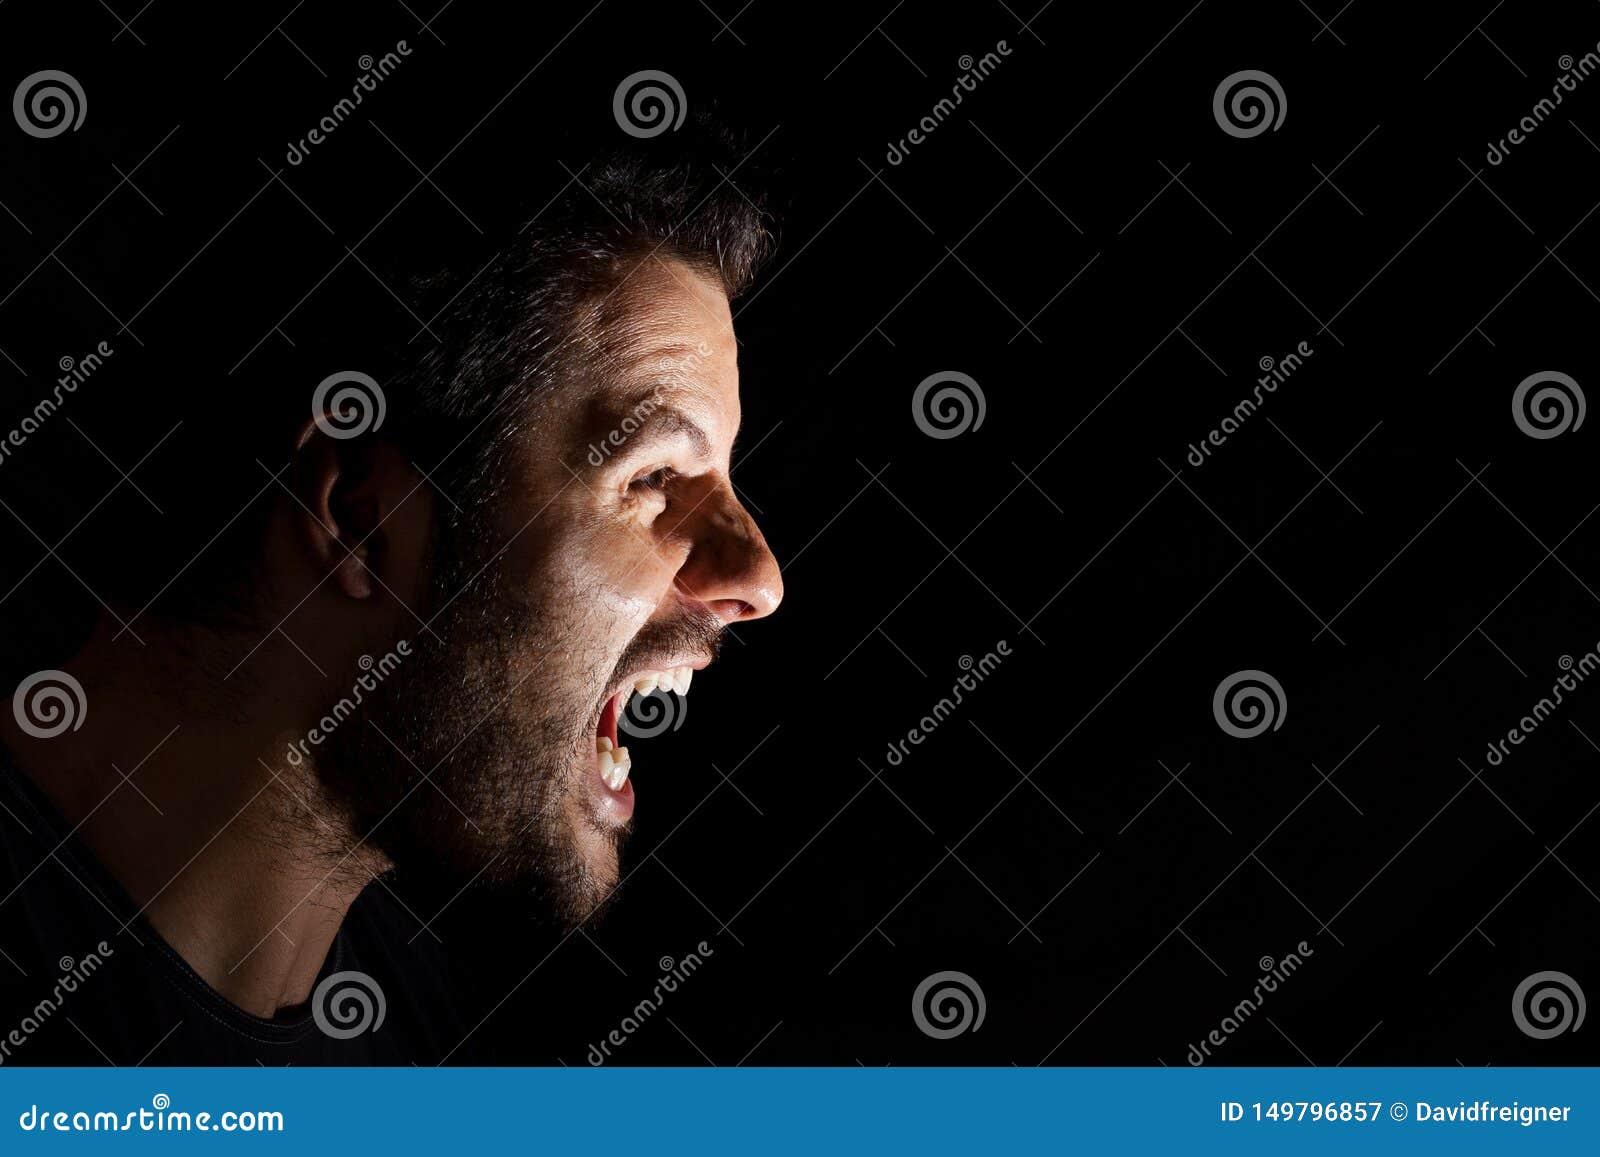 Hombre enojado que grita hacia fuera aislado ruidosamente en fondo negro